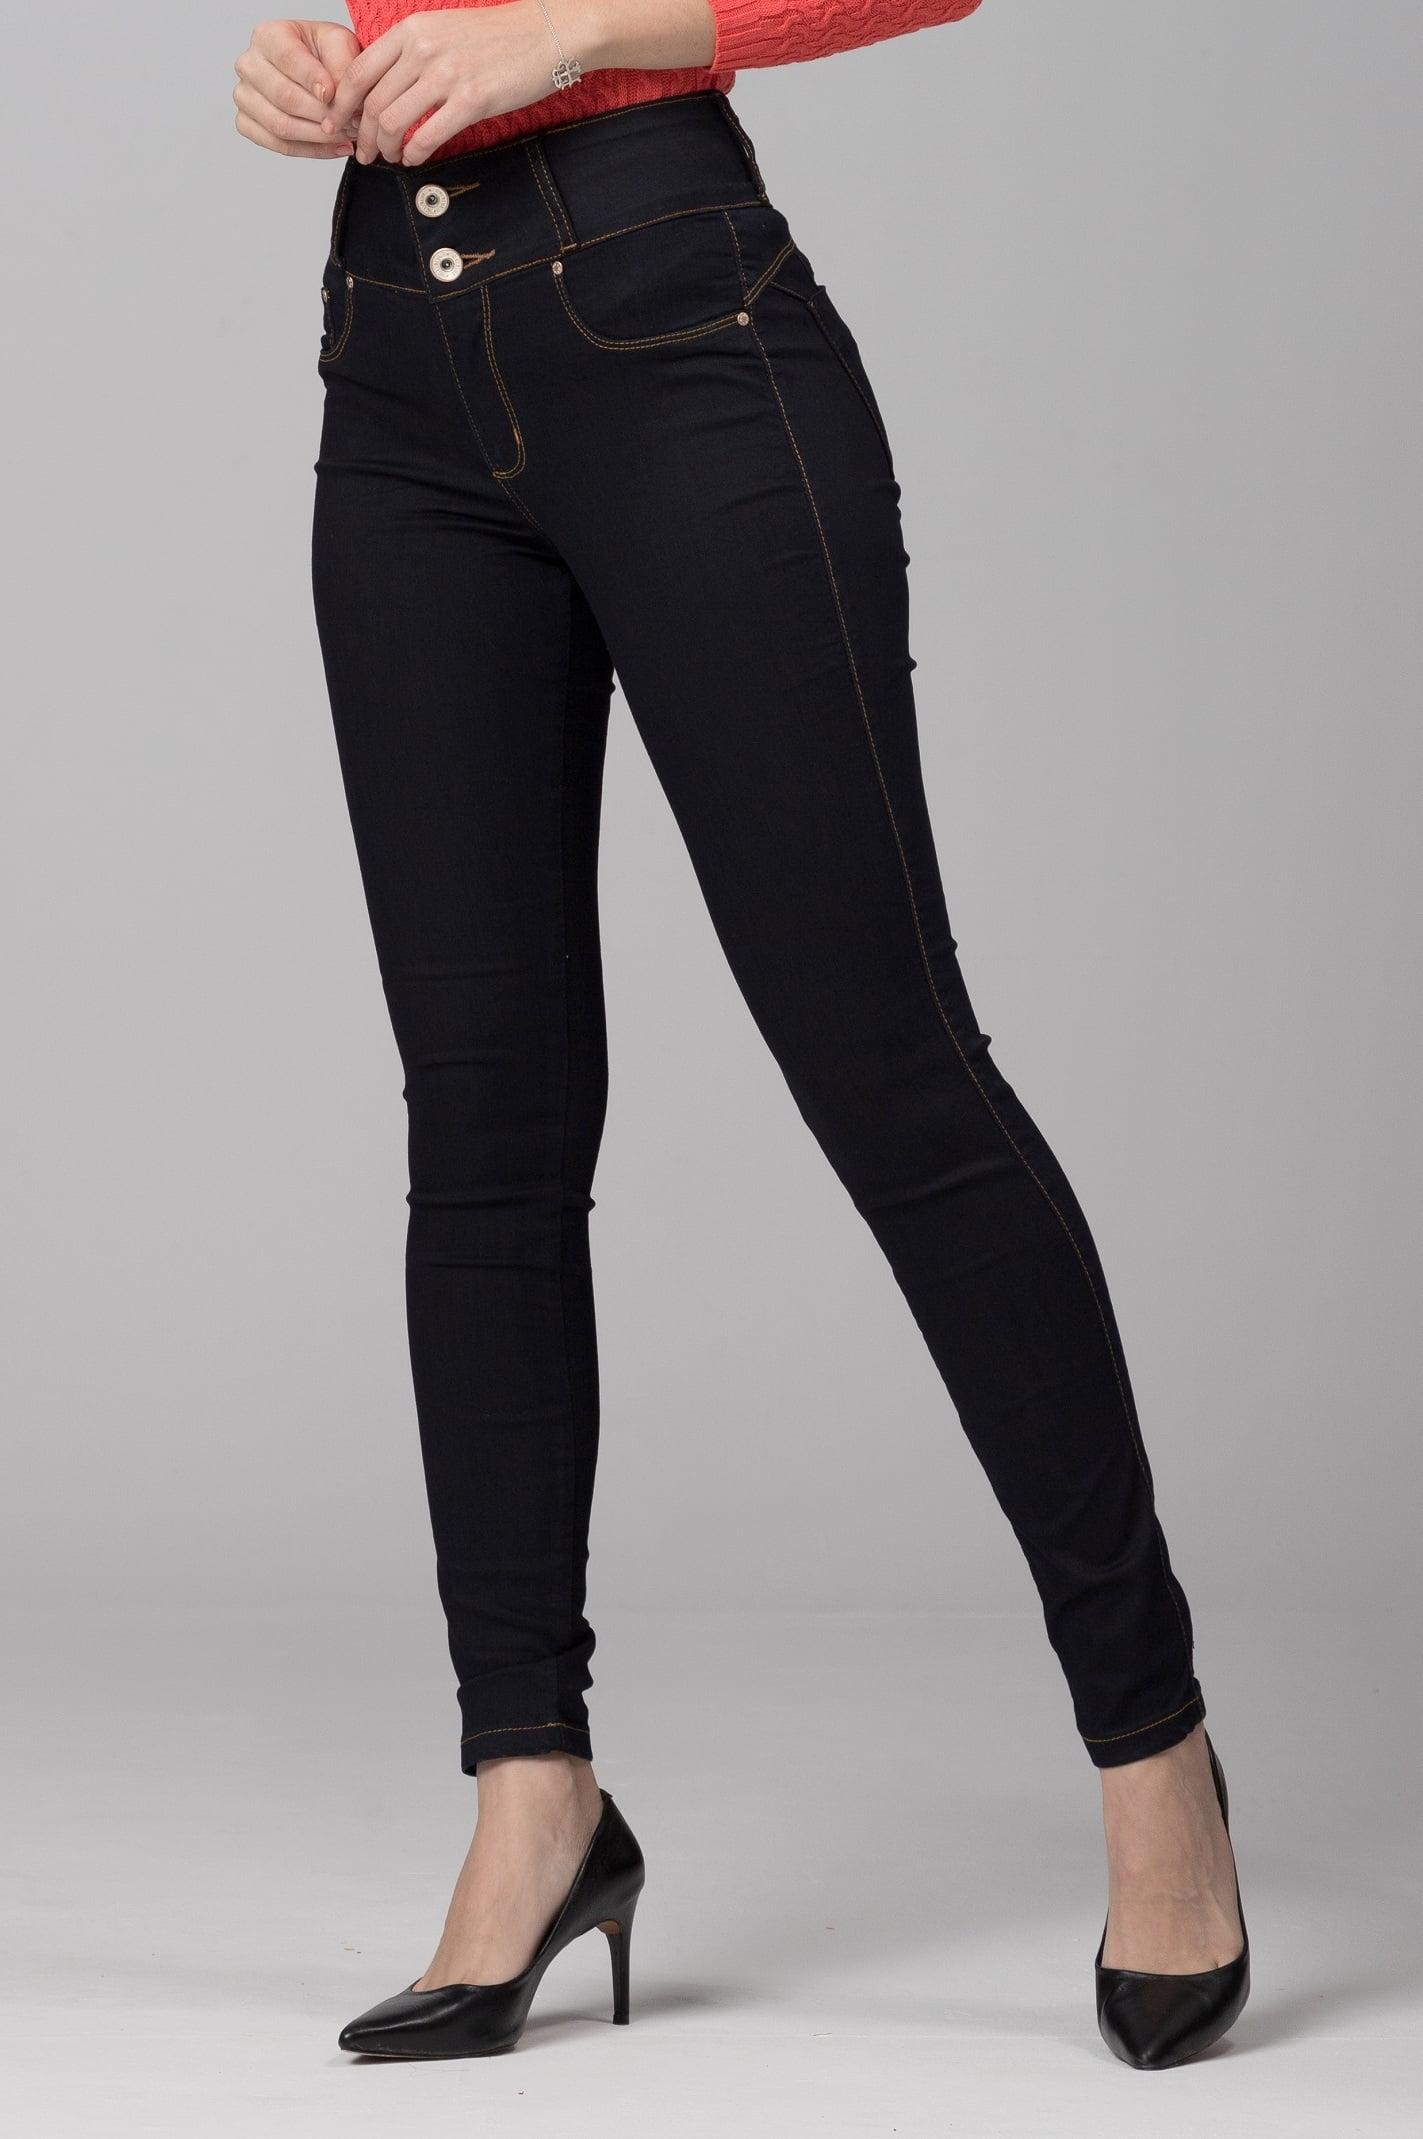 Calça Jeans Levanta Bumbum F2021067